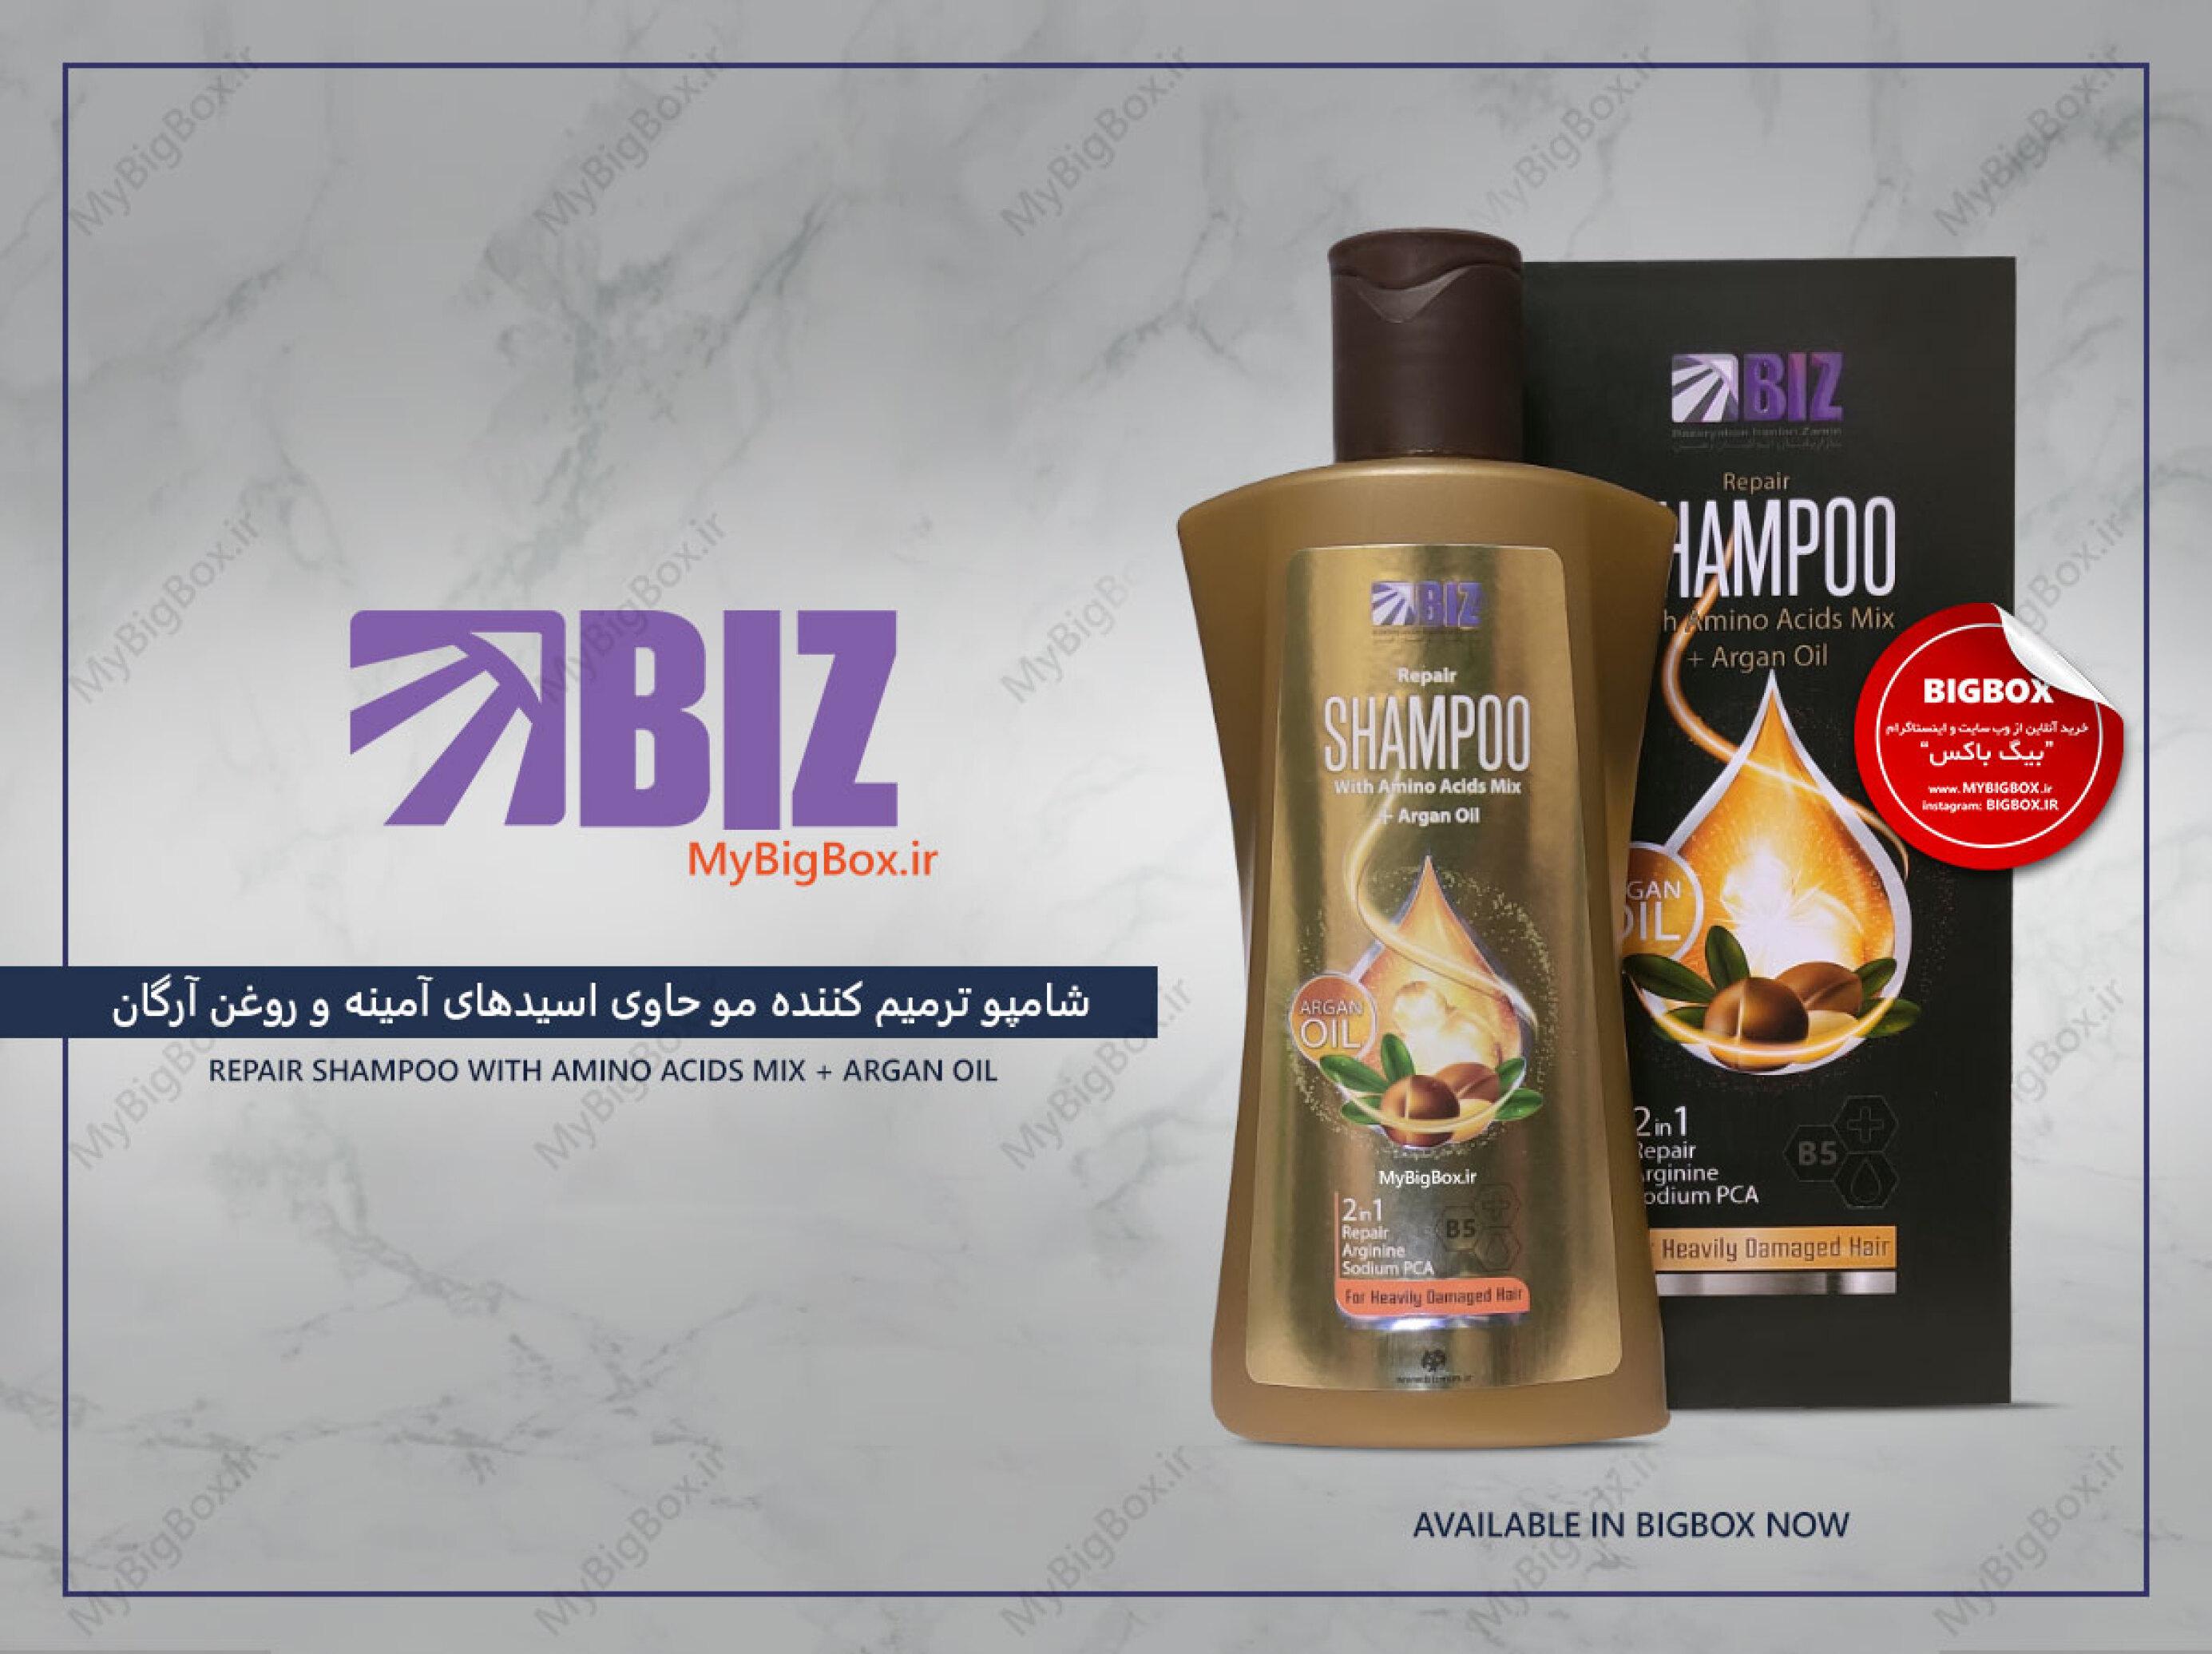 شامپو ترمیم کننده موی سر بیز مدل روغن آرگان حجم 300 میلی لیتر Biz repair shampoo Argan oil